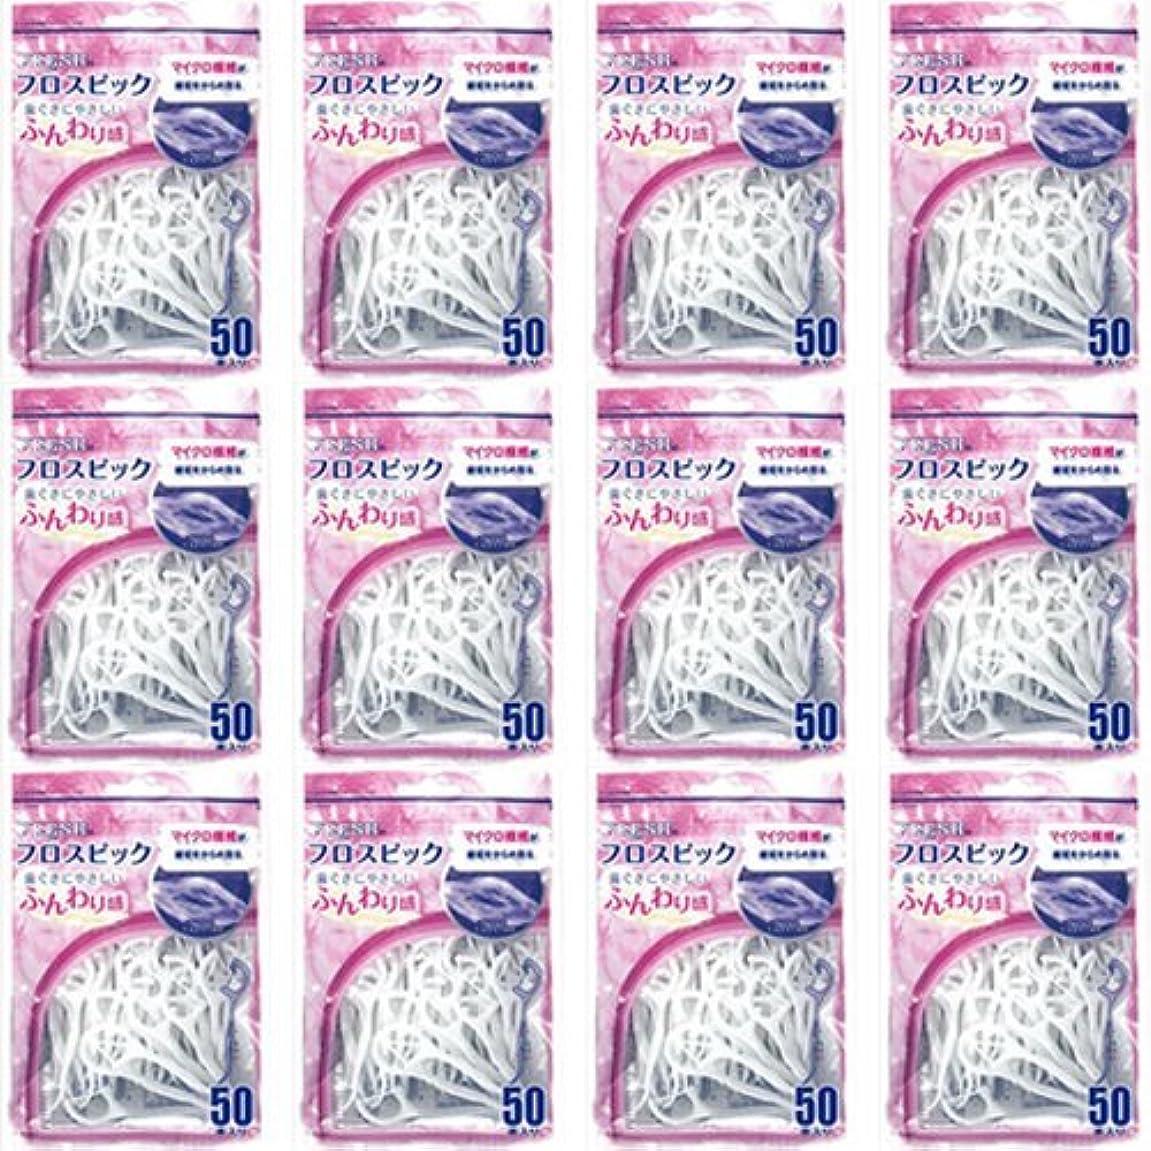 怒り伝統メタリックフレッシュフロスピック50本 × 12個セット